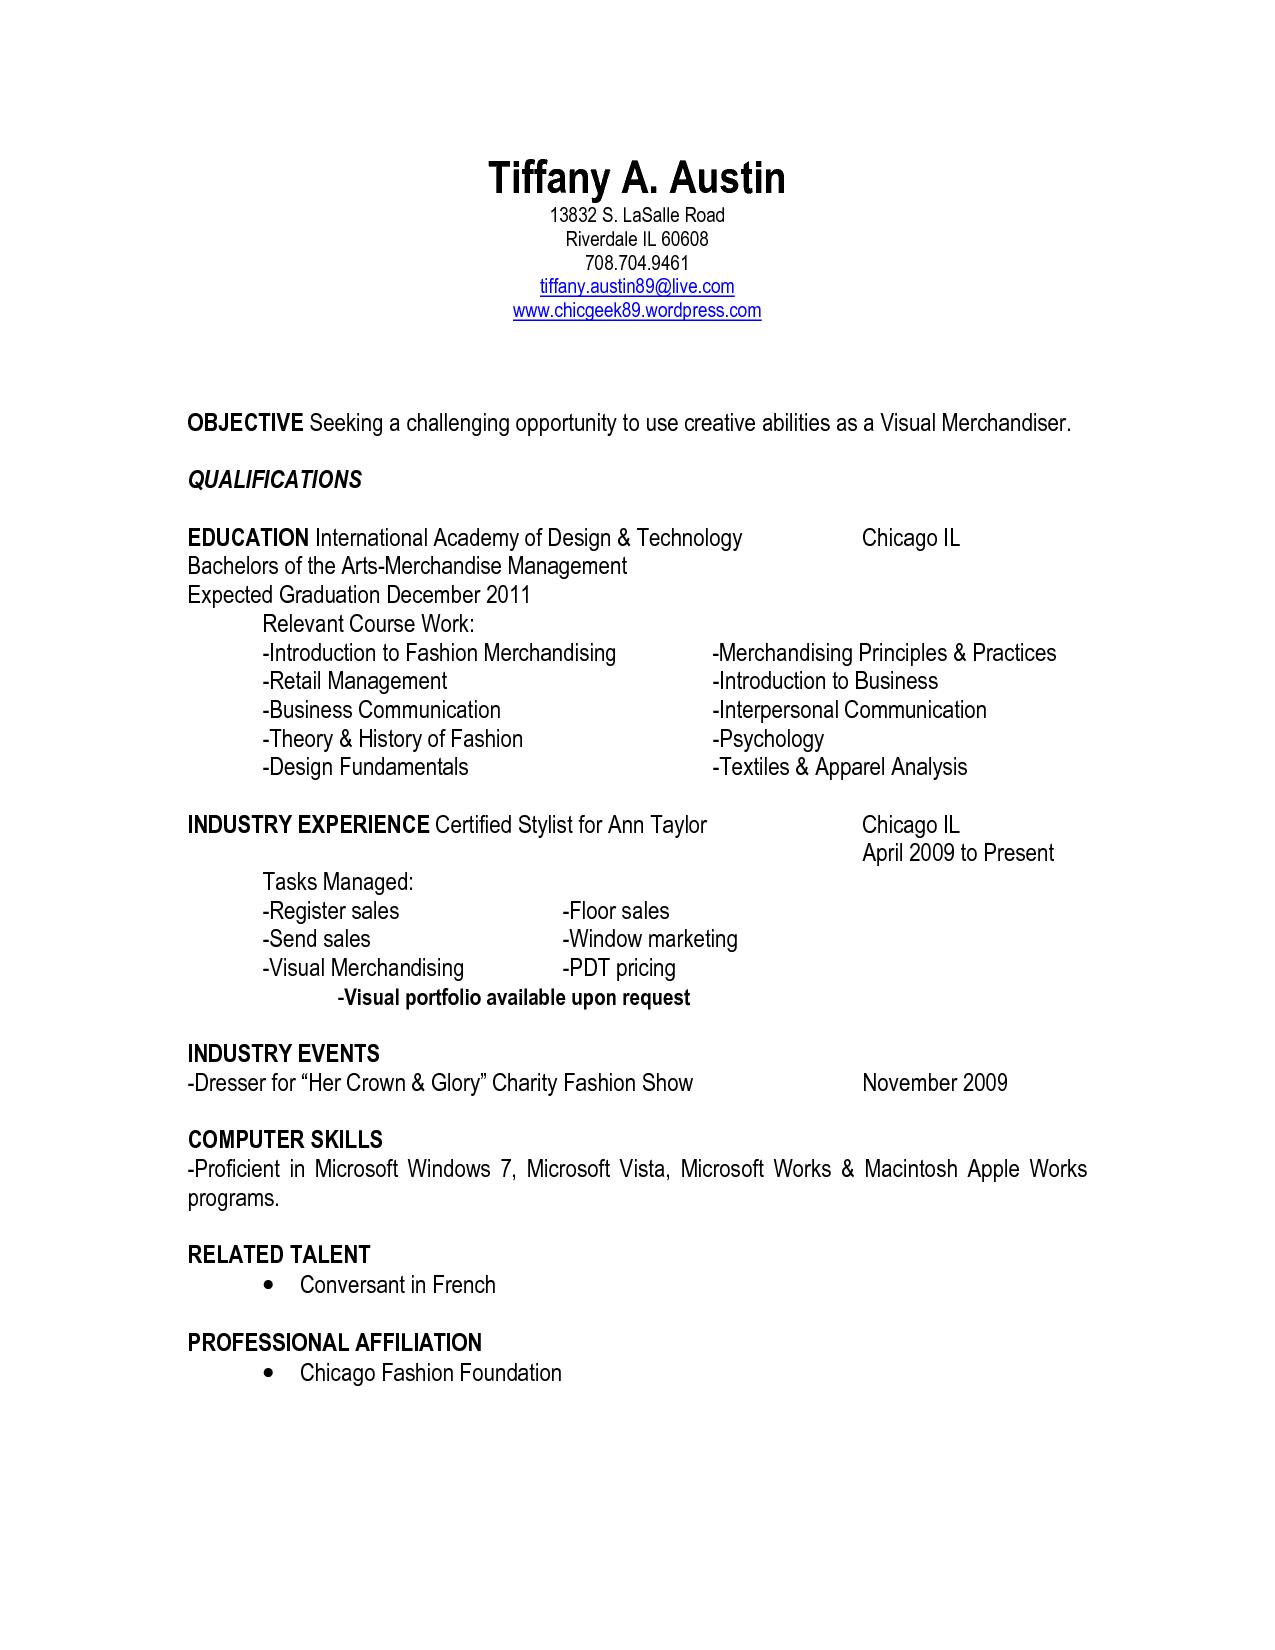 Resume Templates Tamu Resume Resumetemplates Templates